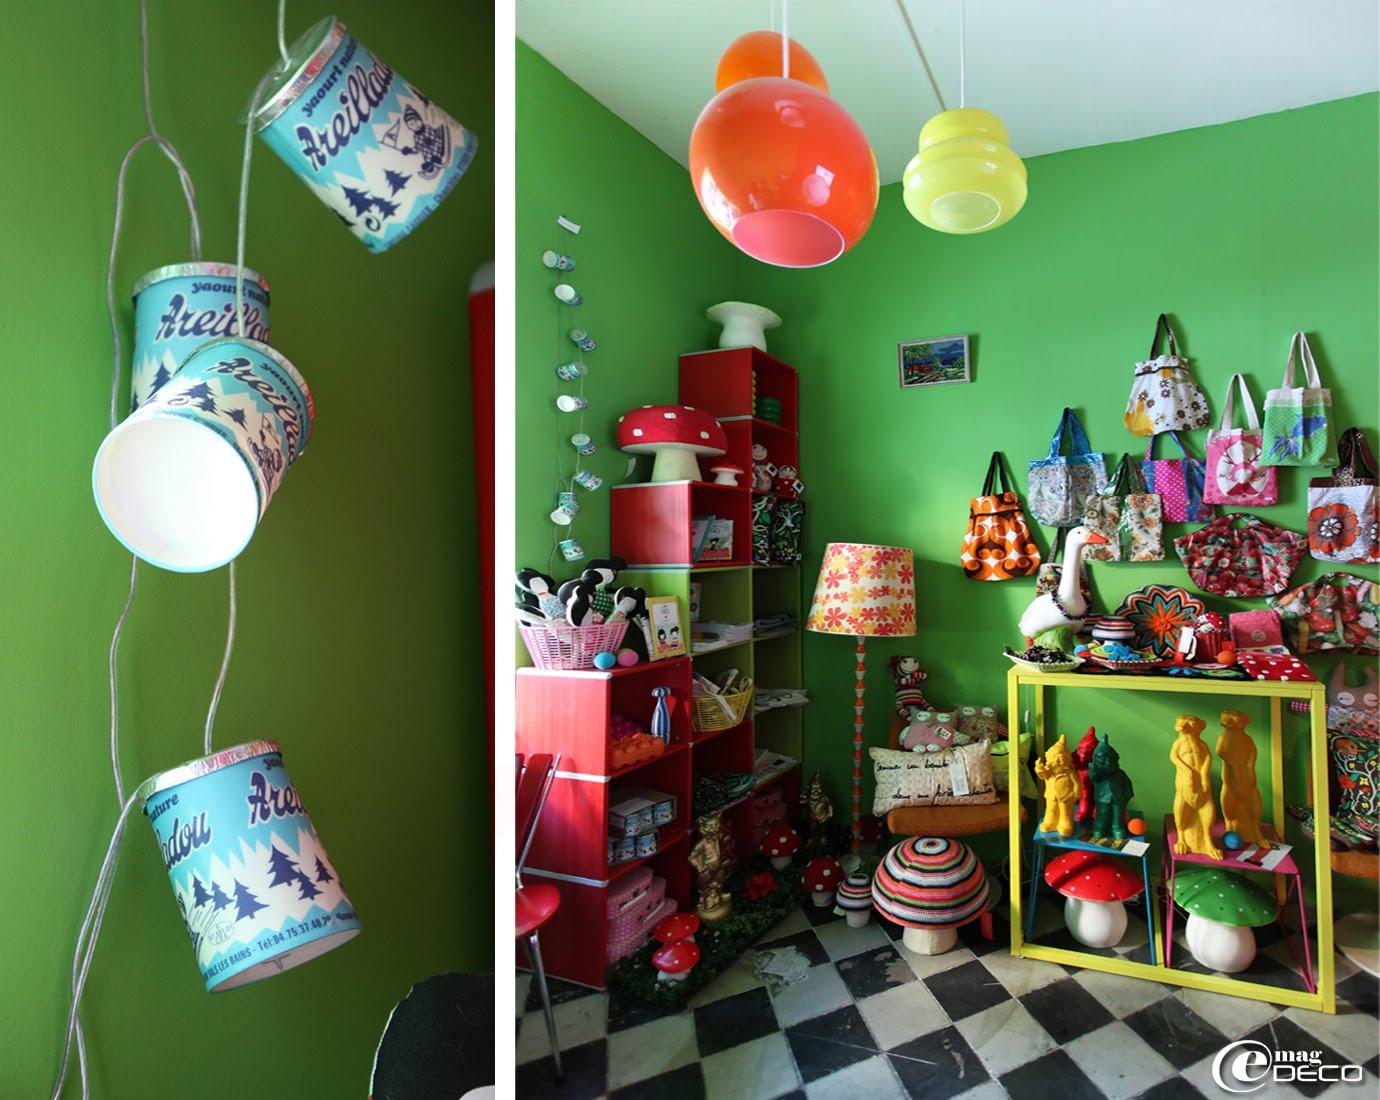 Chez Ad Libitum, la guirlande électrique faite avec des pots de yaourts et les sacs réalisés par Cécile Chareyron, les nains et suricates de l'artiste plasticien Ottmar Hörl et les poupées de Madame Mo